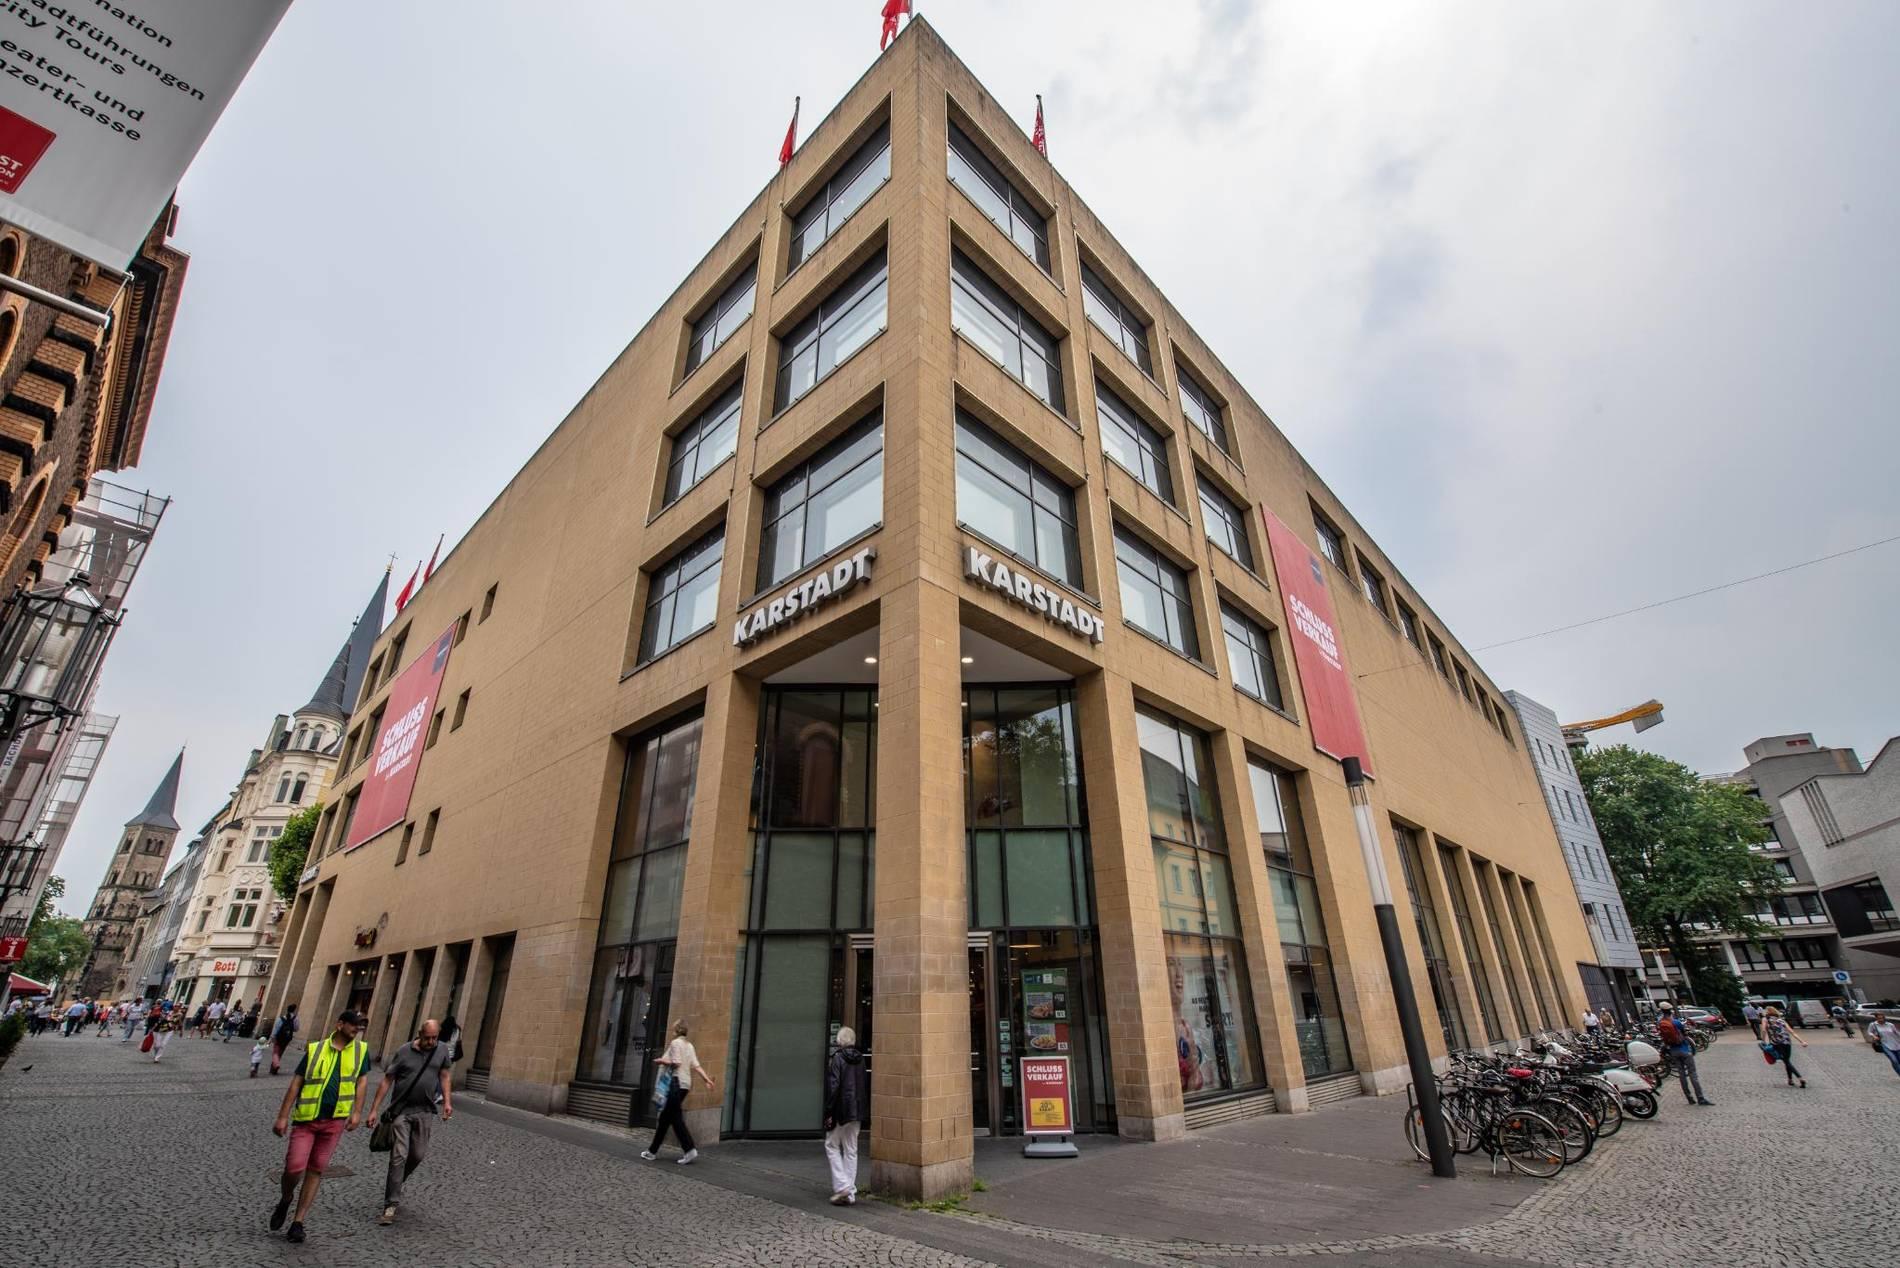 Karstadt Bonn